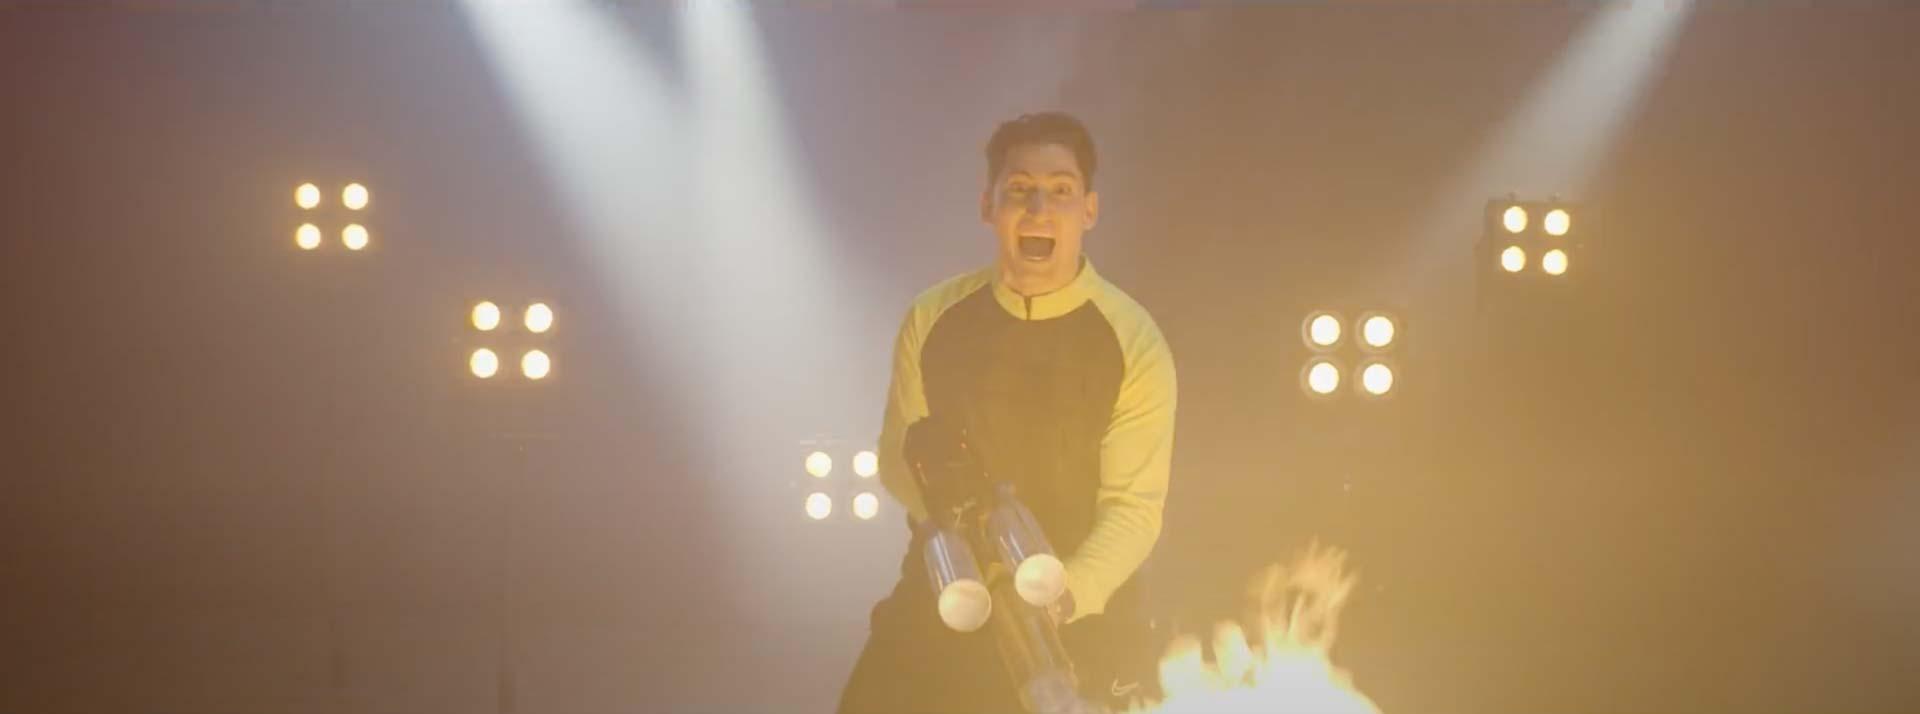 Musikvideo Screenshot Cimbo Bize Ne